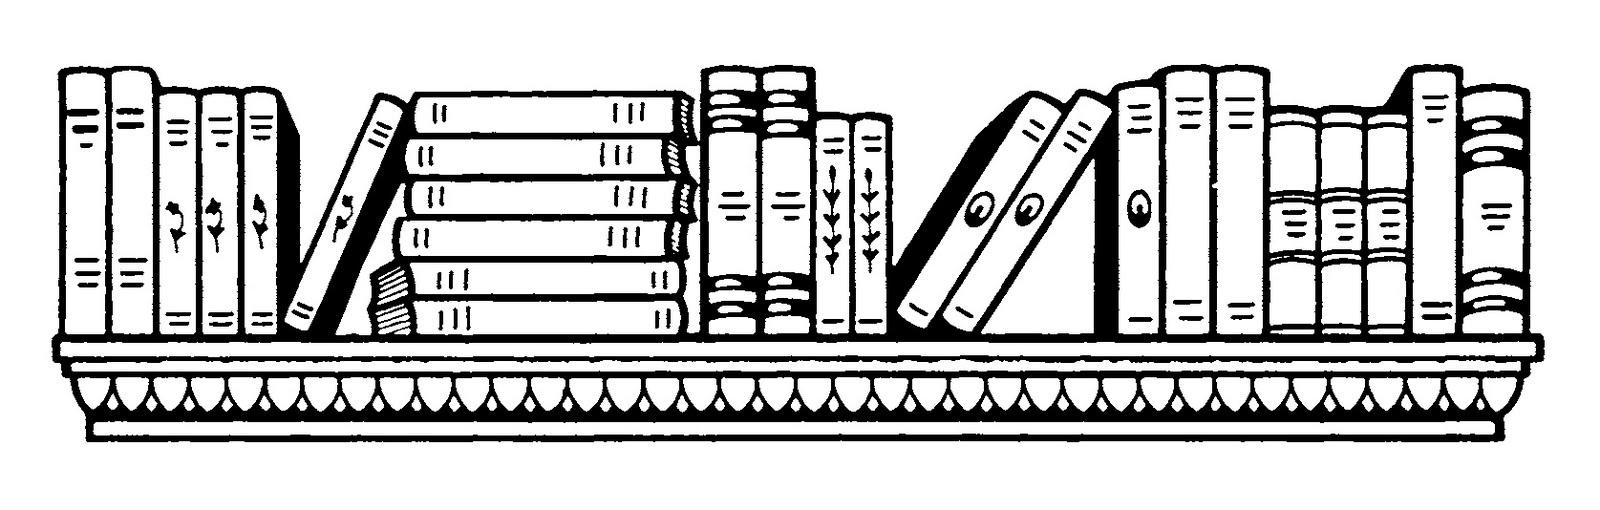 Wonderful of letter master. Bookshelf clipart black and white